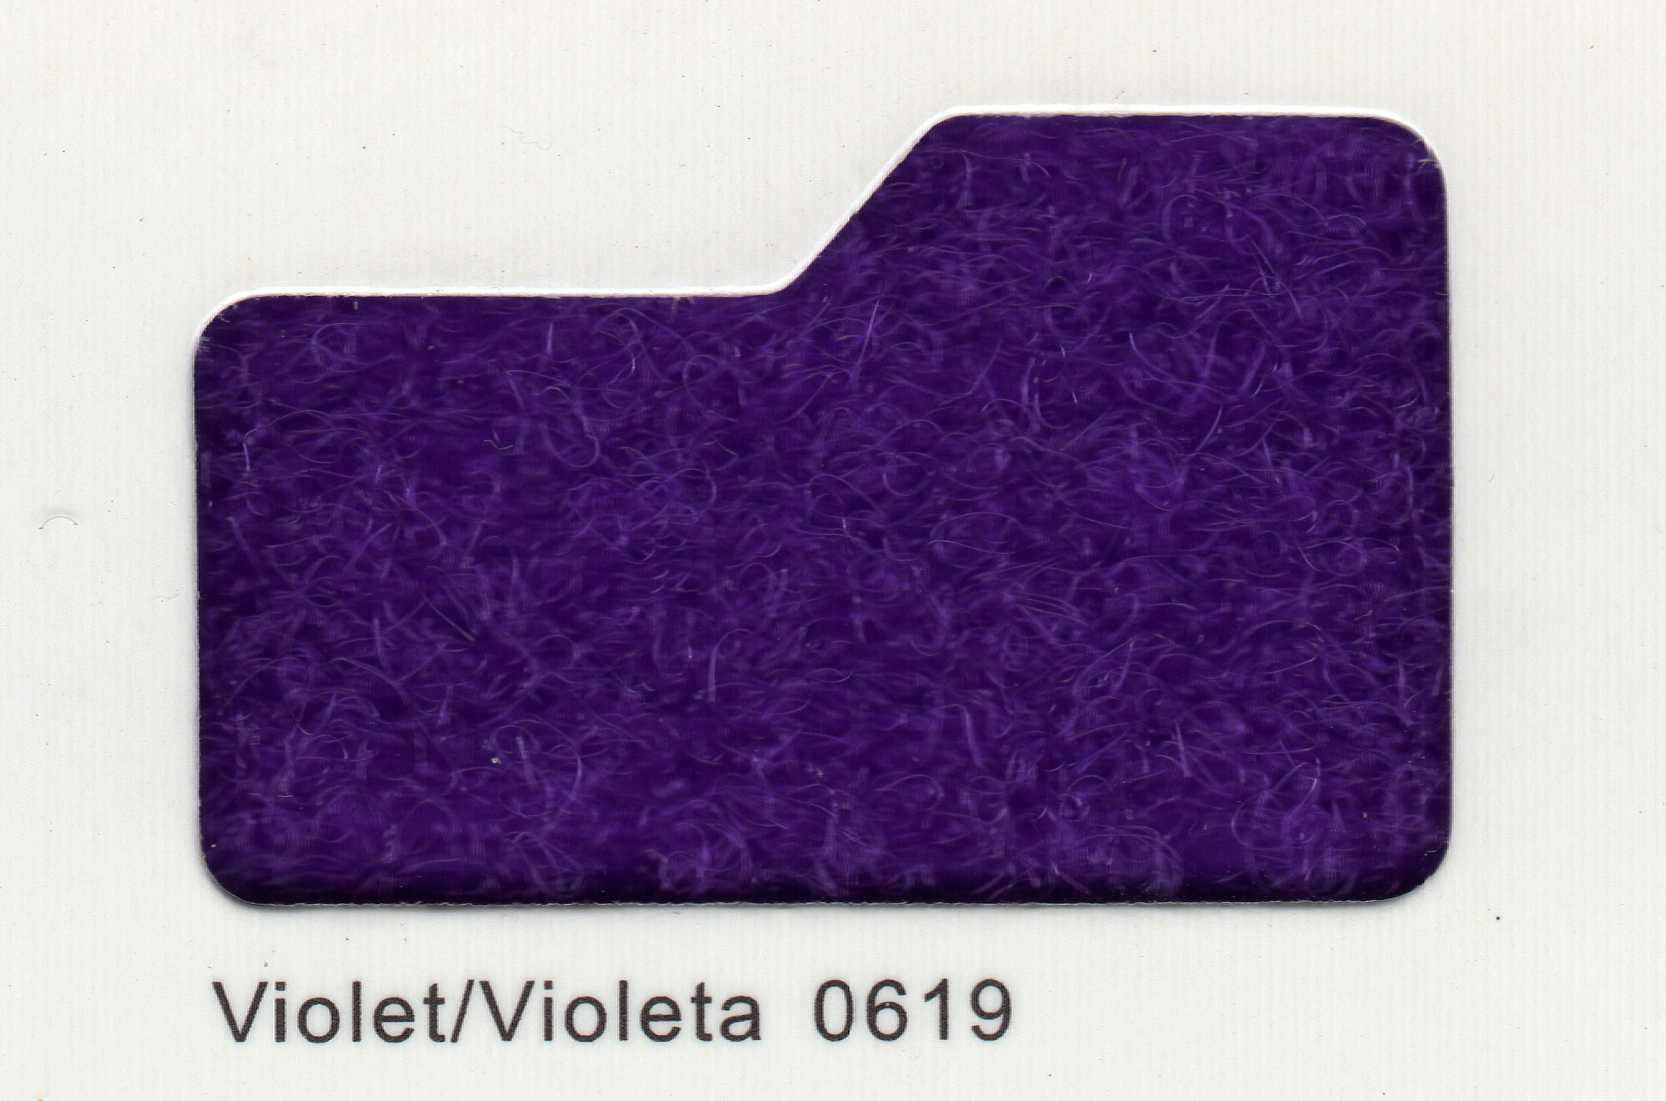 Cinta de cierre Velcro-Veraco 25mm Violeta 0619 (Rizo).